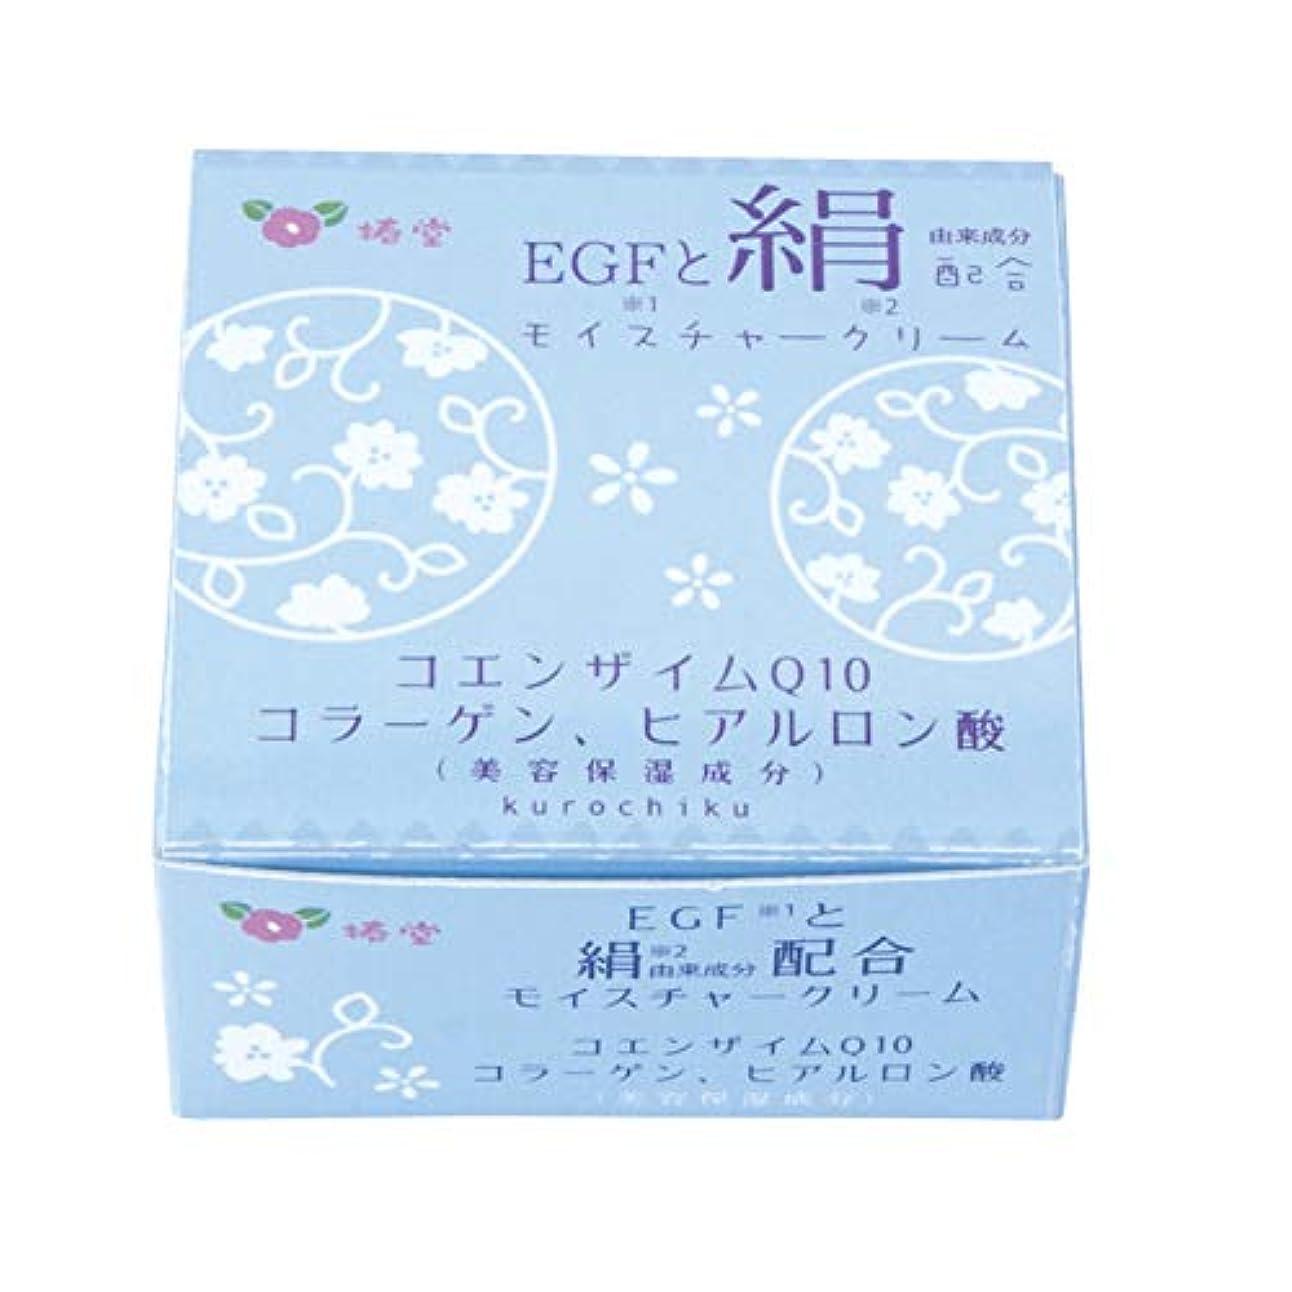 ドロー湿地徹底椿堂 絹モイスチャークリーム (FGFと絹) 京都くろちく